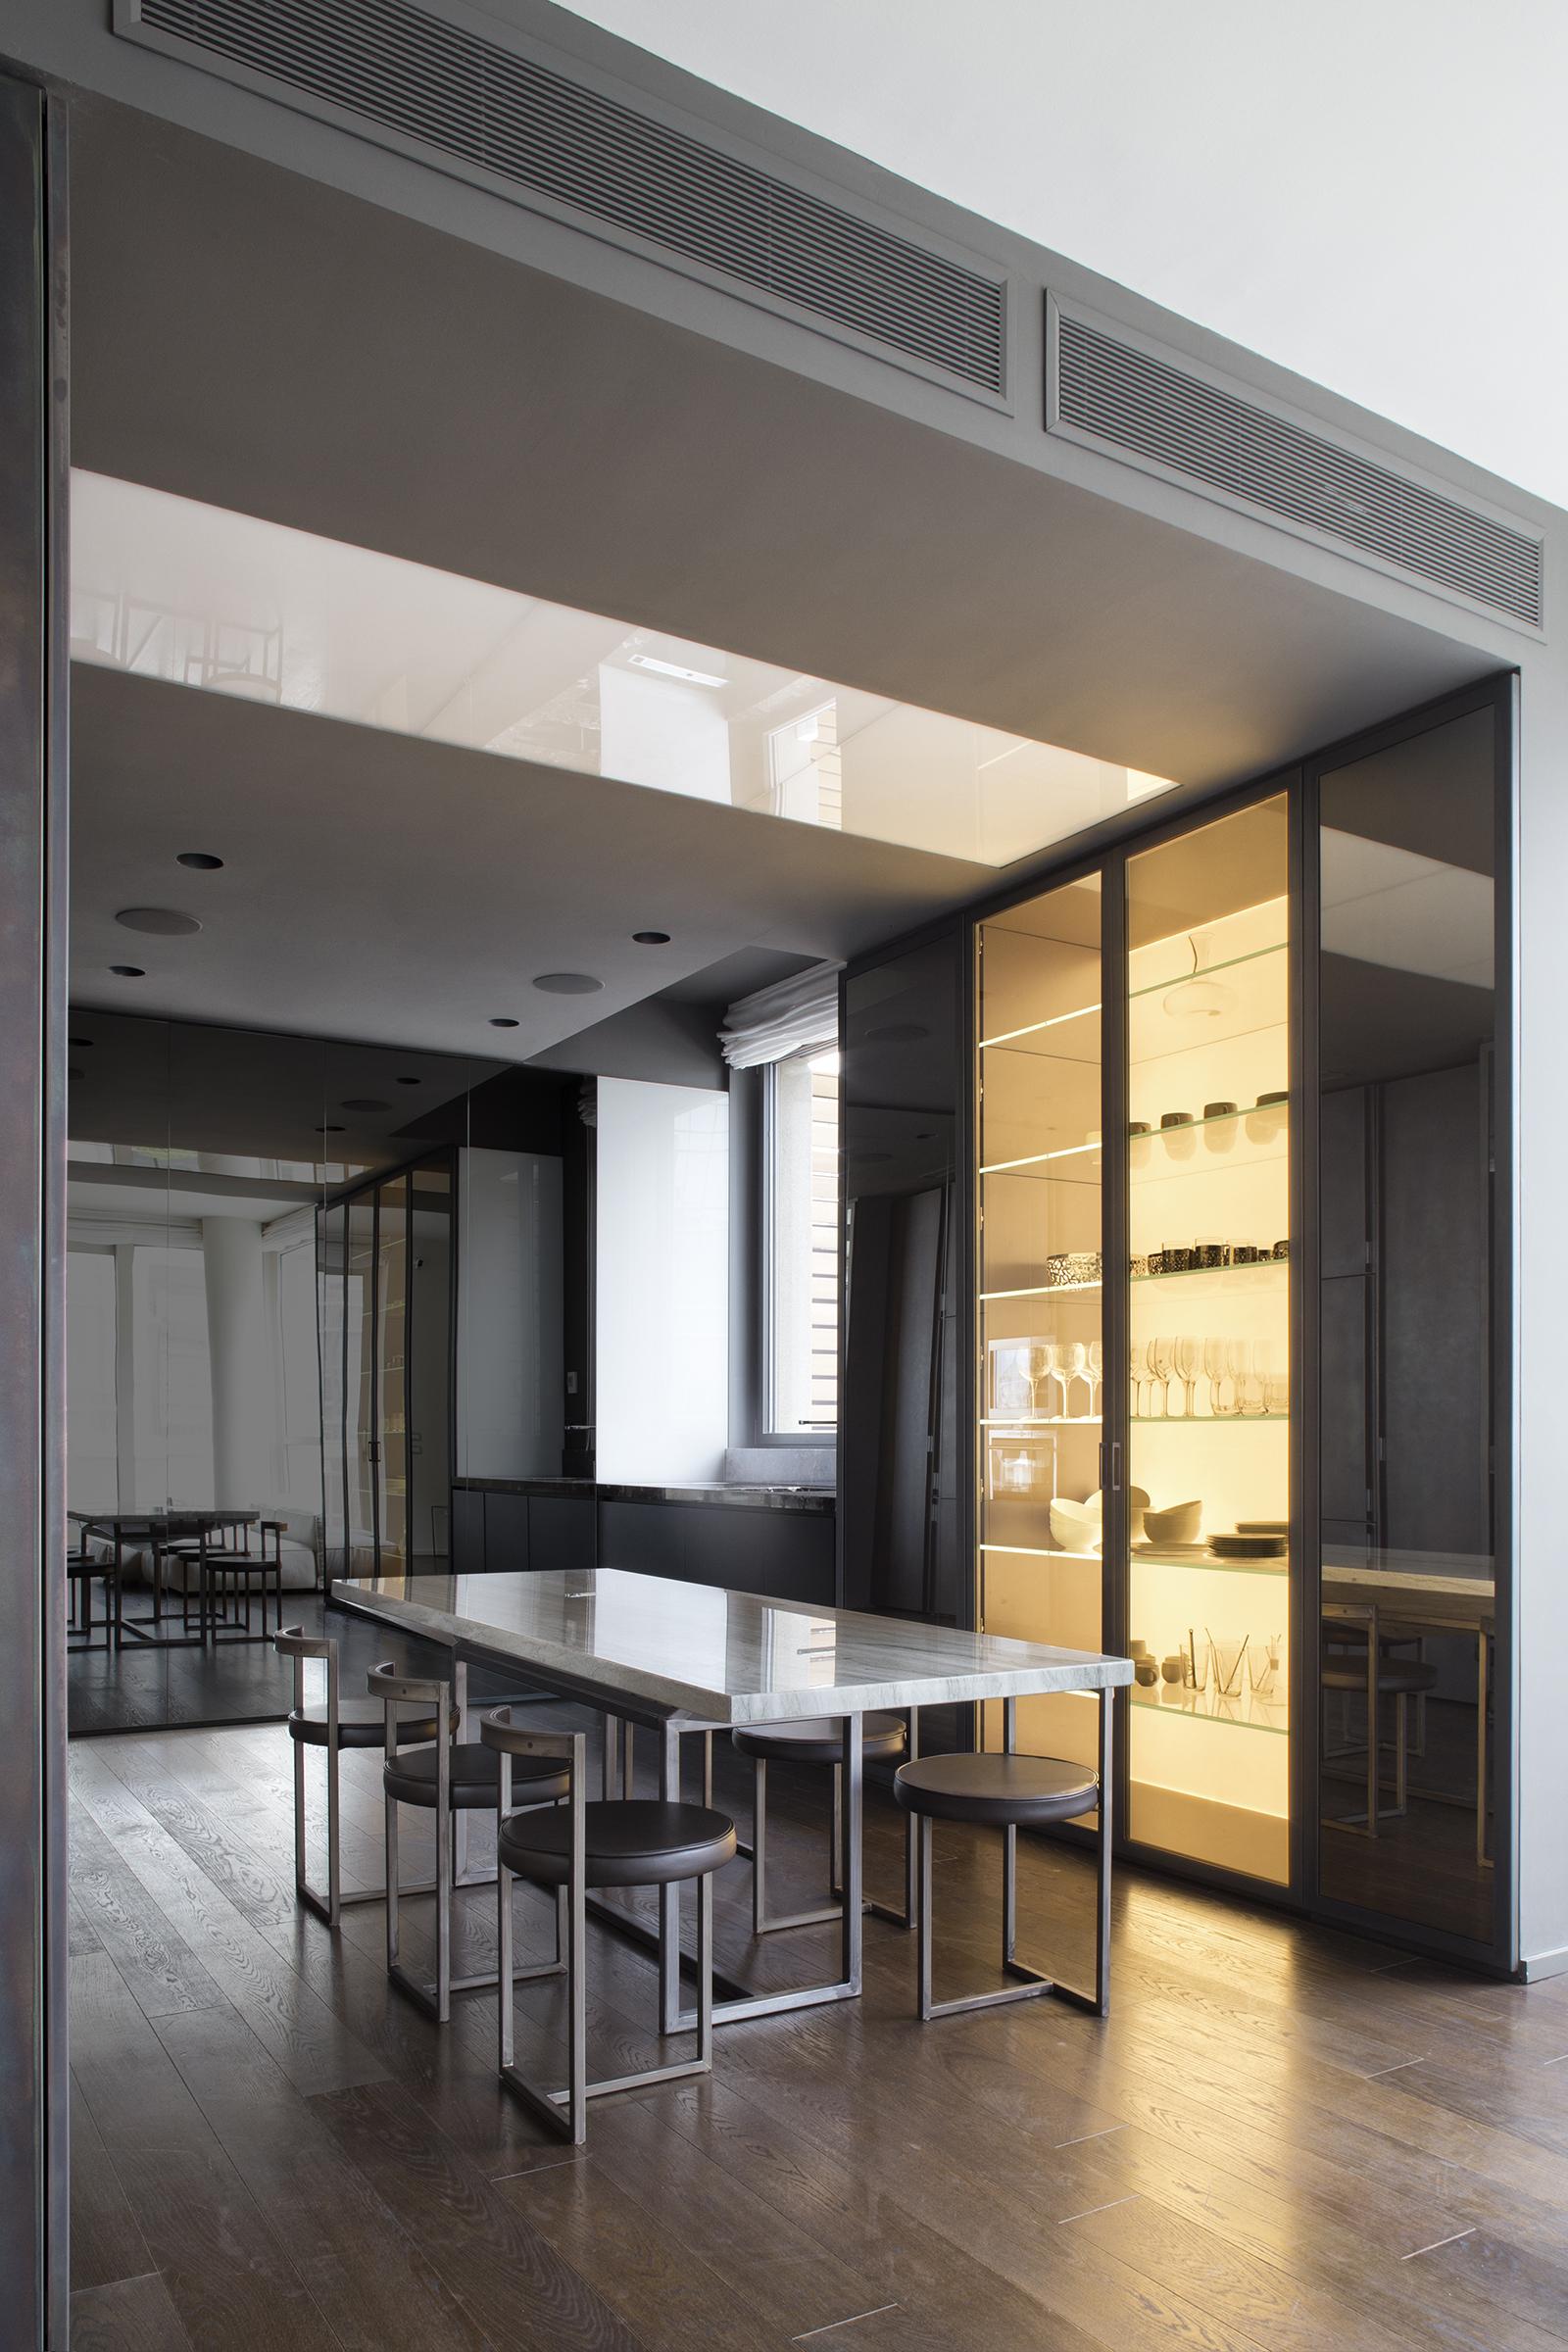 0174_RH_viaCapelli_05_sma milano studio milanese di architettura